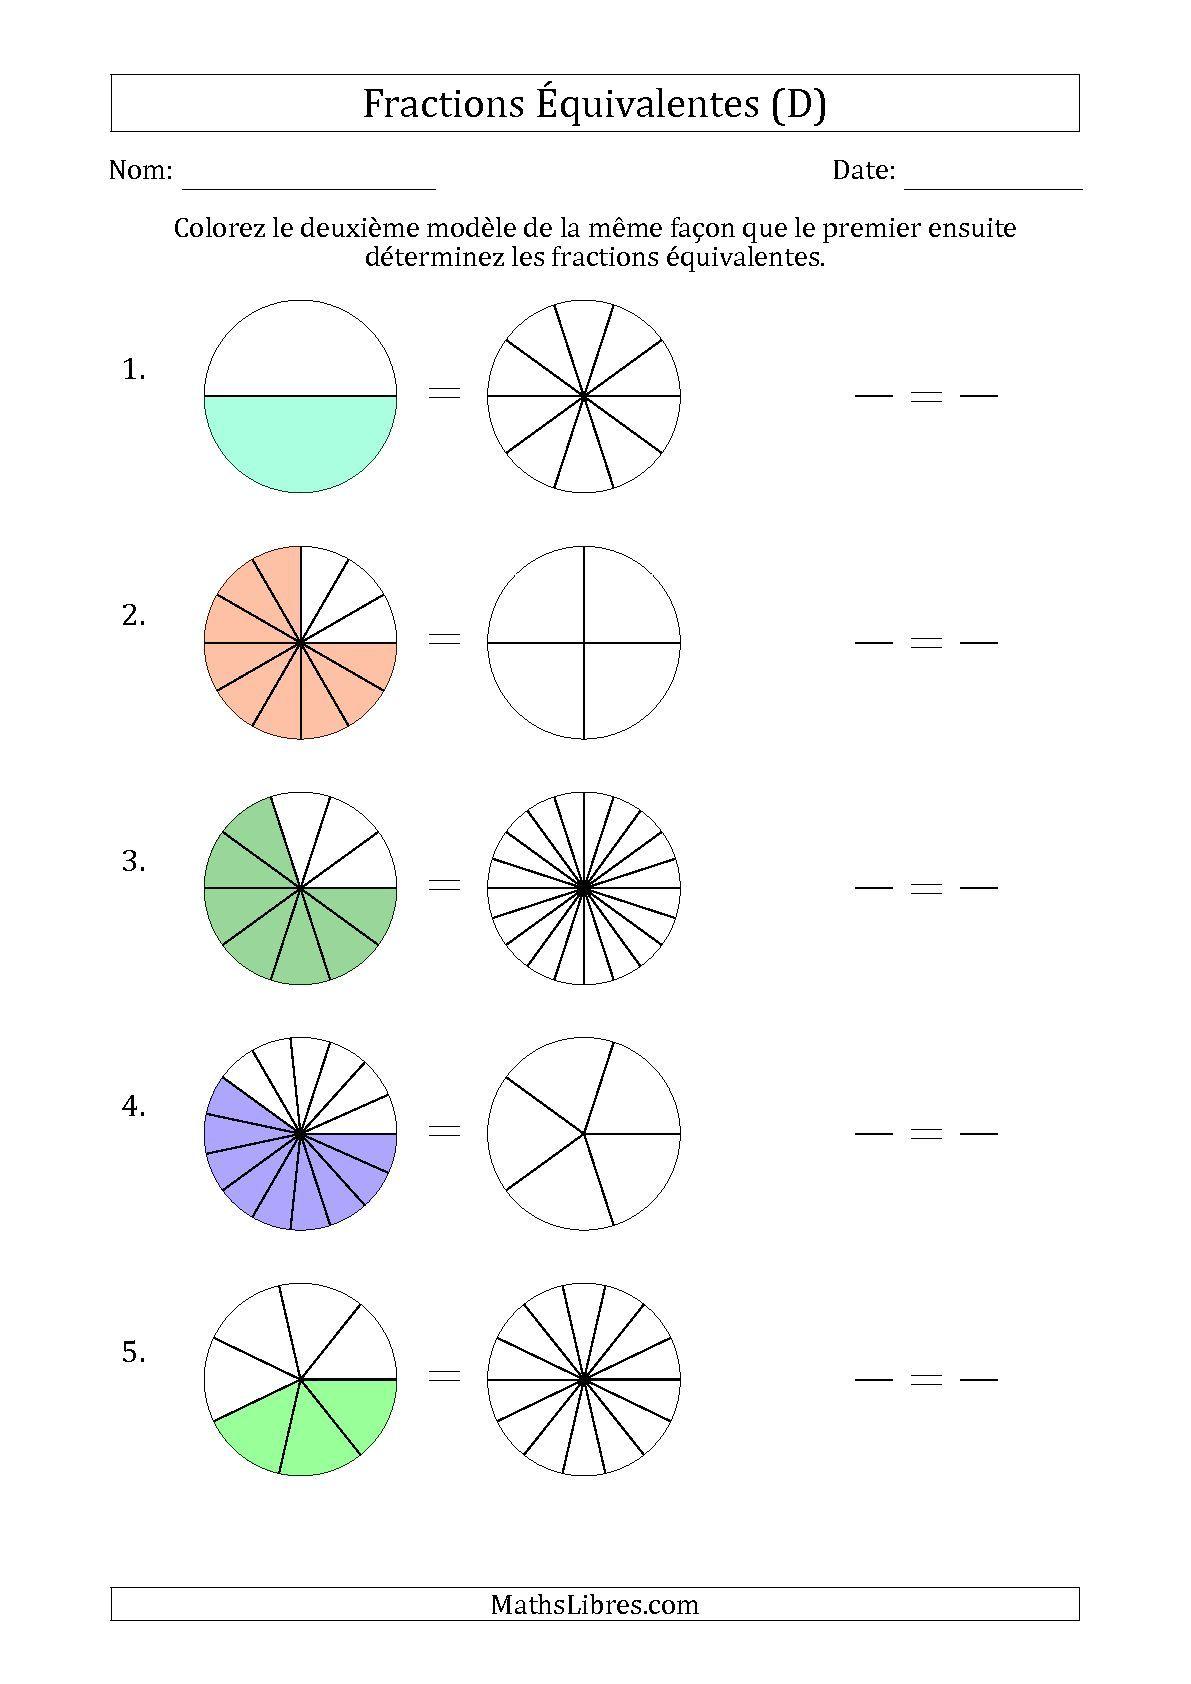 Épinglé sur Mathématiques